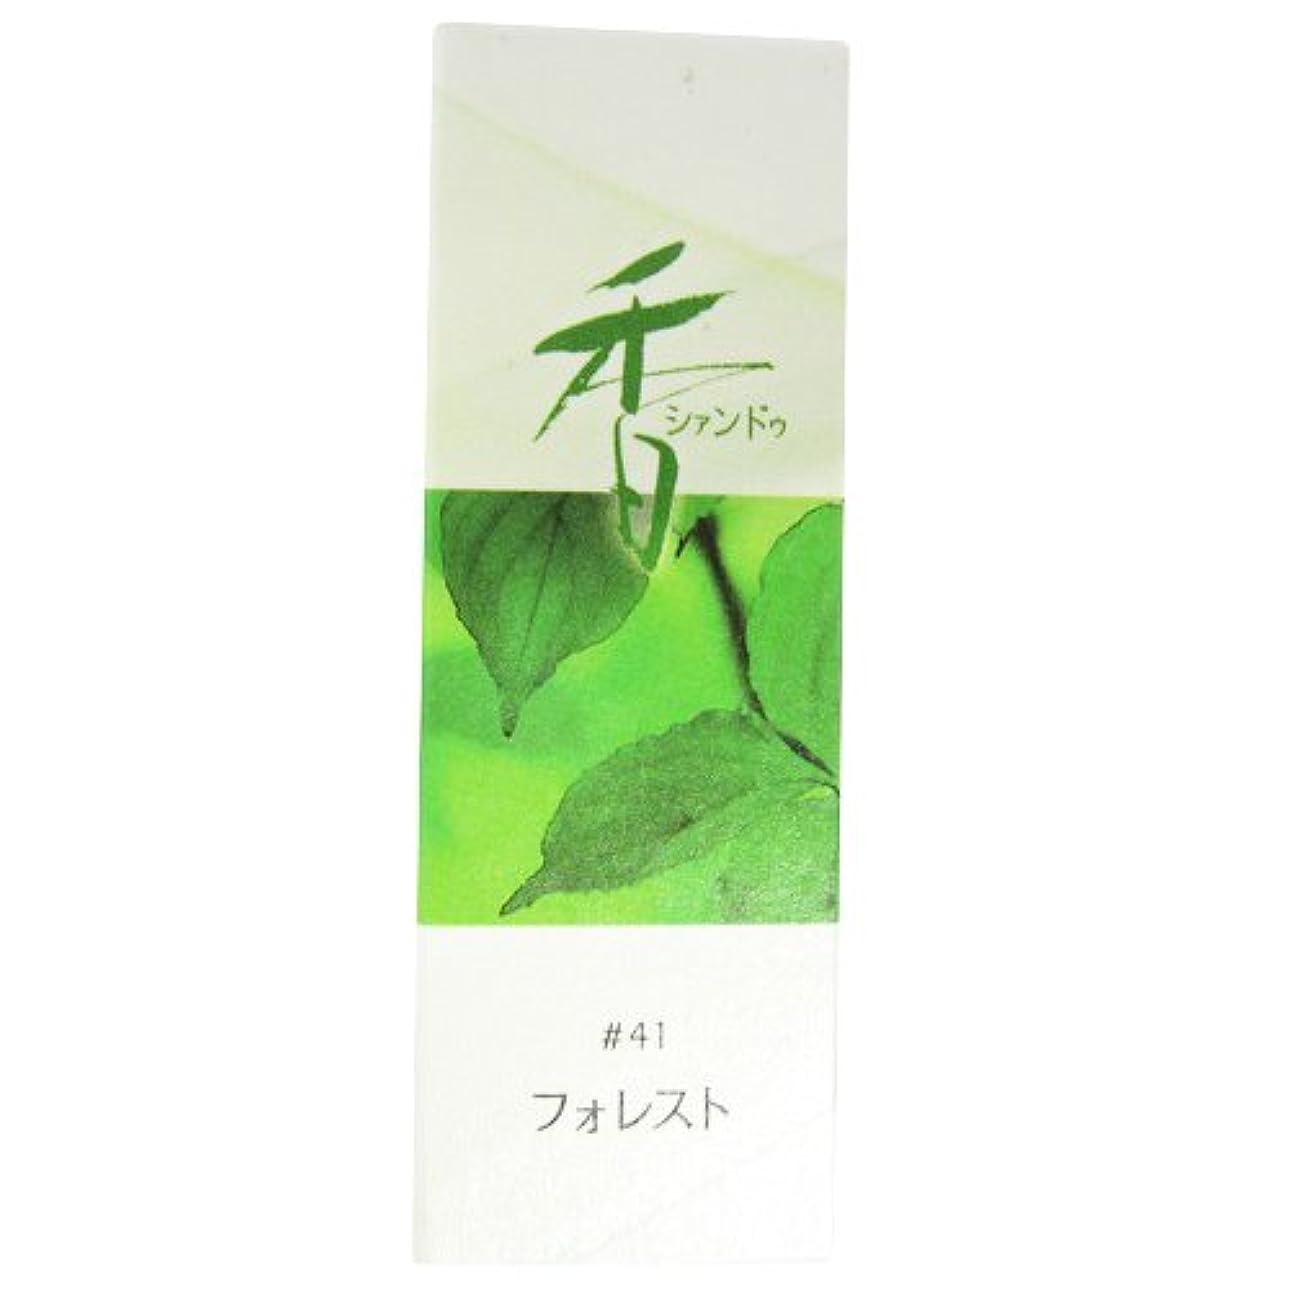 高架甘いアスペクト松栄堂のお香 Xiang Do フォレスト ST20本入 簡易香立付 #214241